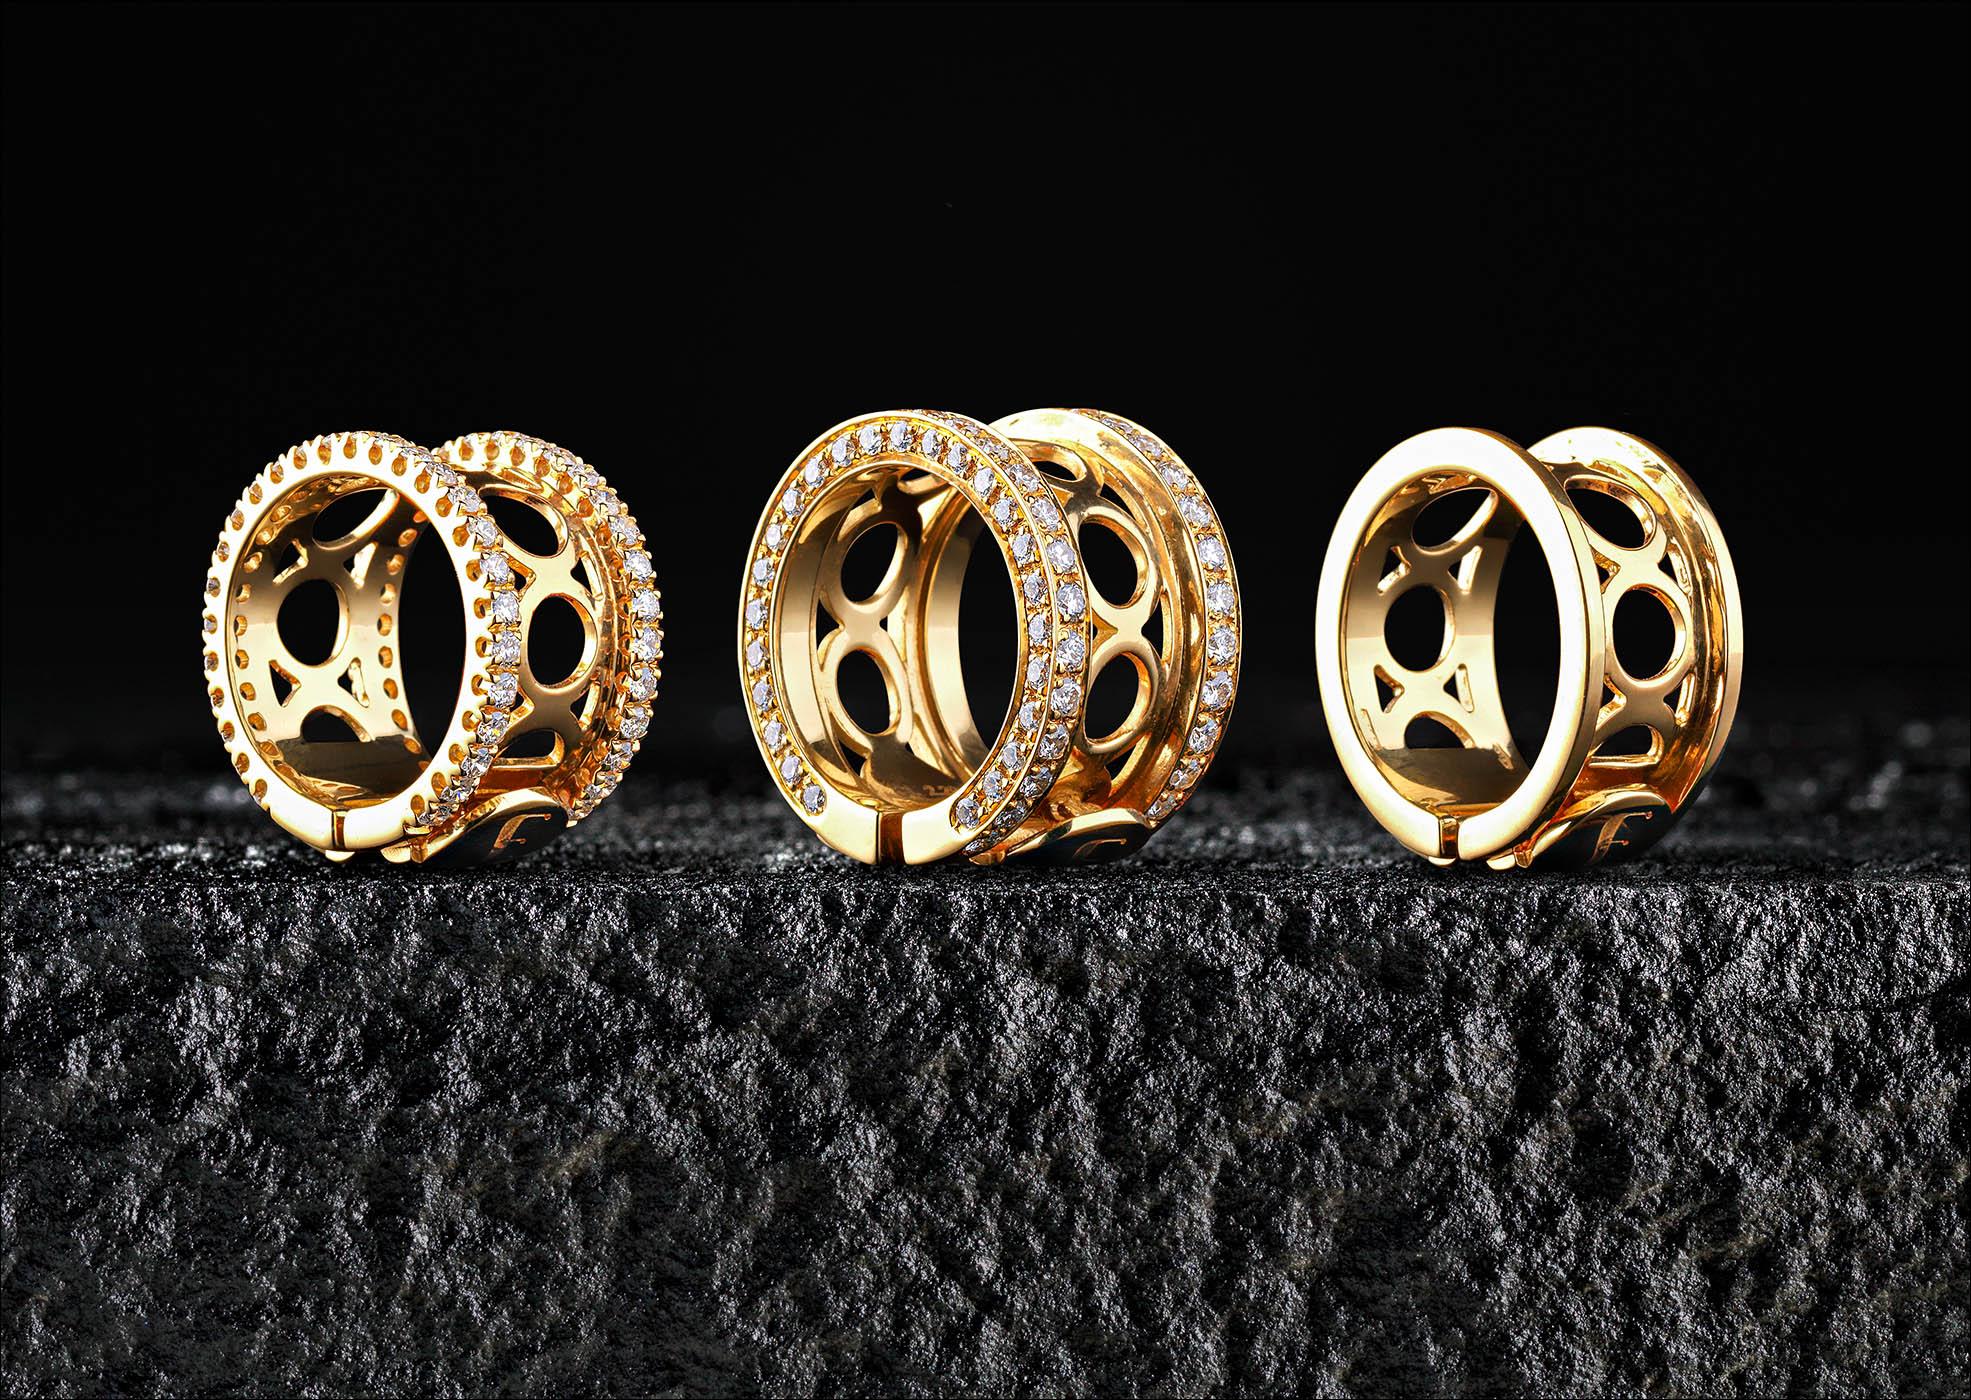 Fotografo still life gioielli anelli | Andrea Sudati Photo Studio